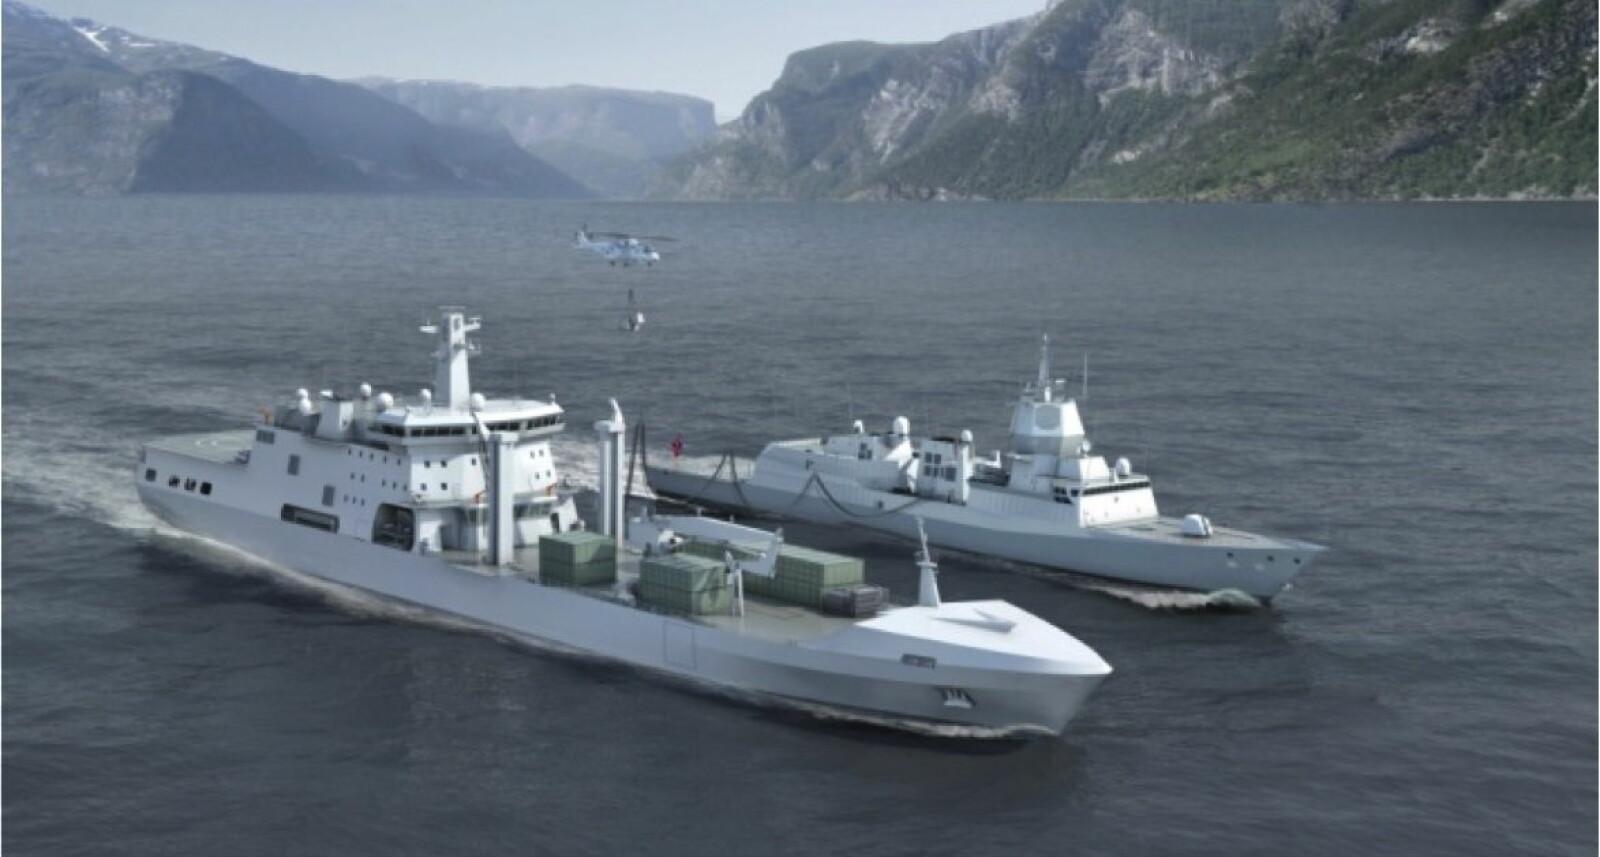 STØRST: 183 meter lange KNM Maud ved siden av en 134 meter lang fregatt som KNM Helge Ingstad. I Norge inngår fregattene i Fridtjof Nansen-klassen.